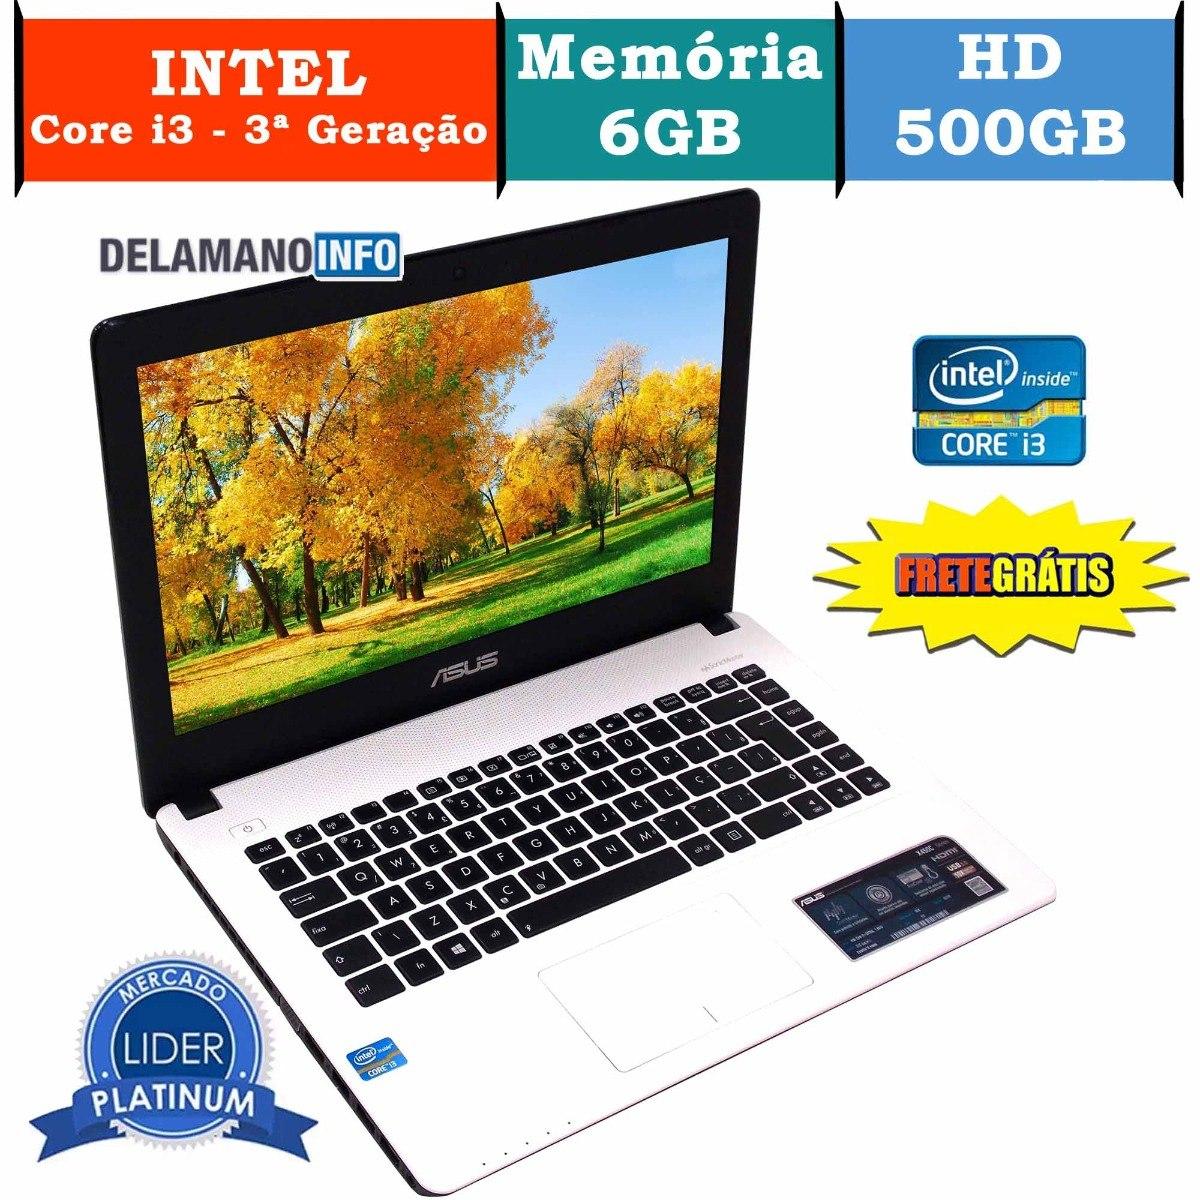 67dc34638 notebook asus intel core i3 3217u 6gb ram promoção (10127). Carregando zoom.